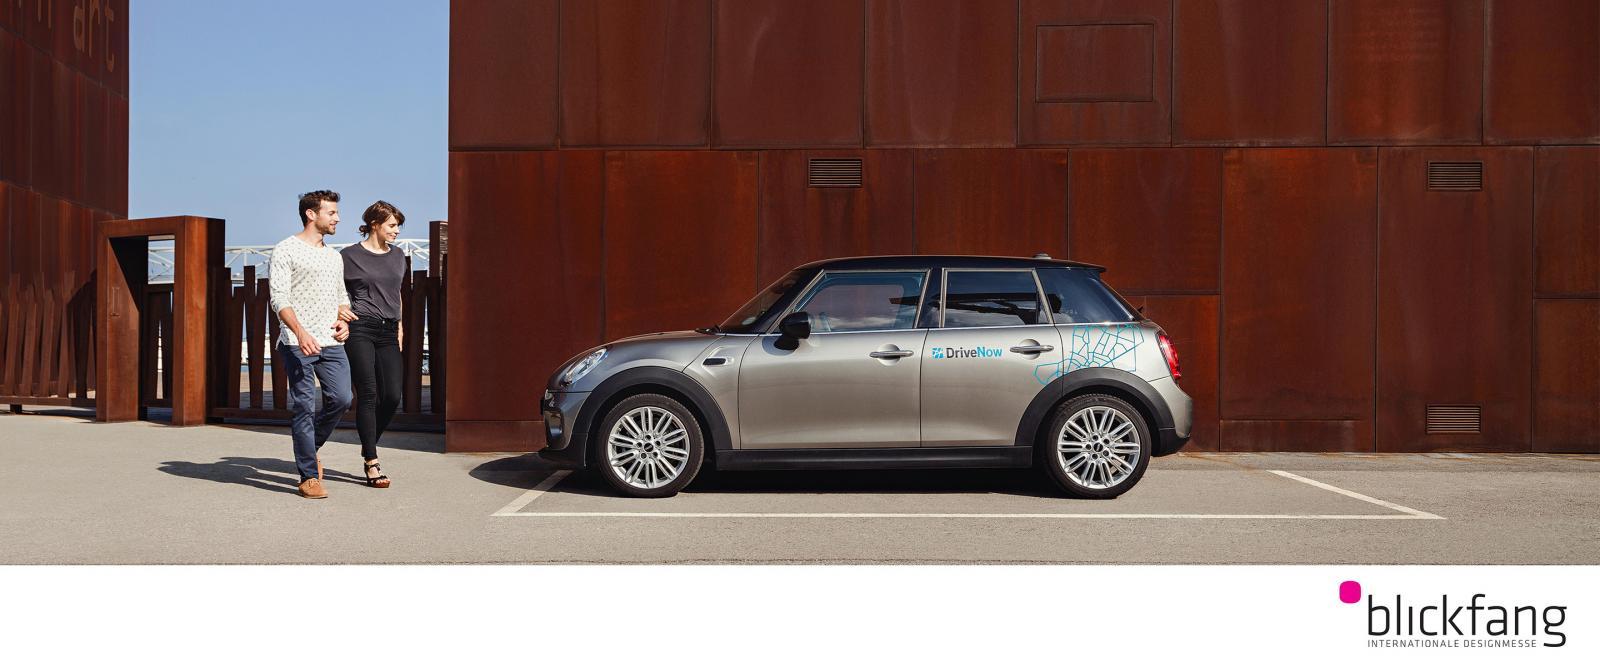 drivenow_carsharing_blickfang_design